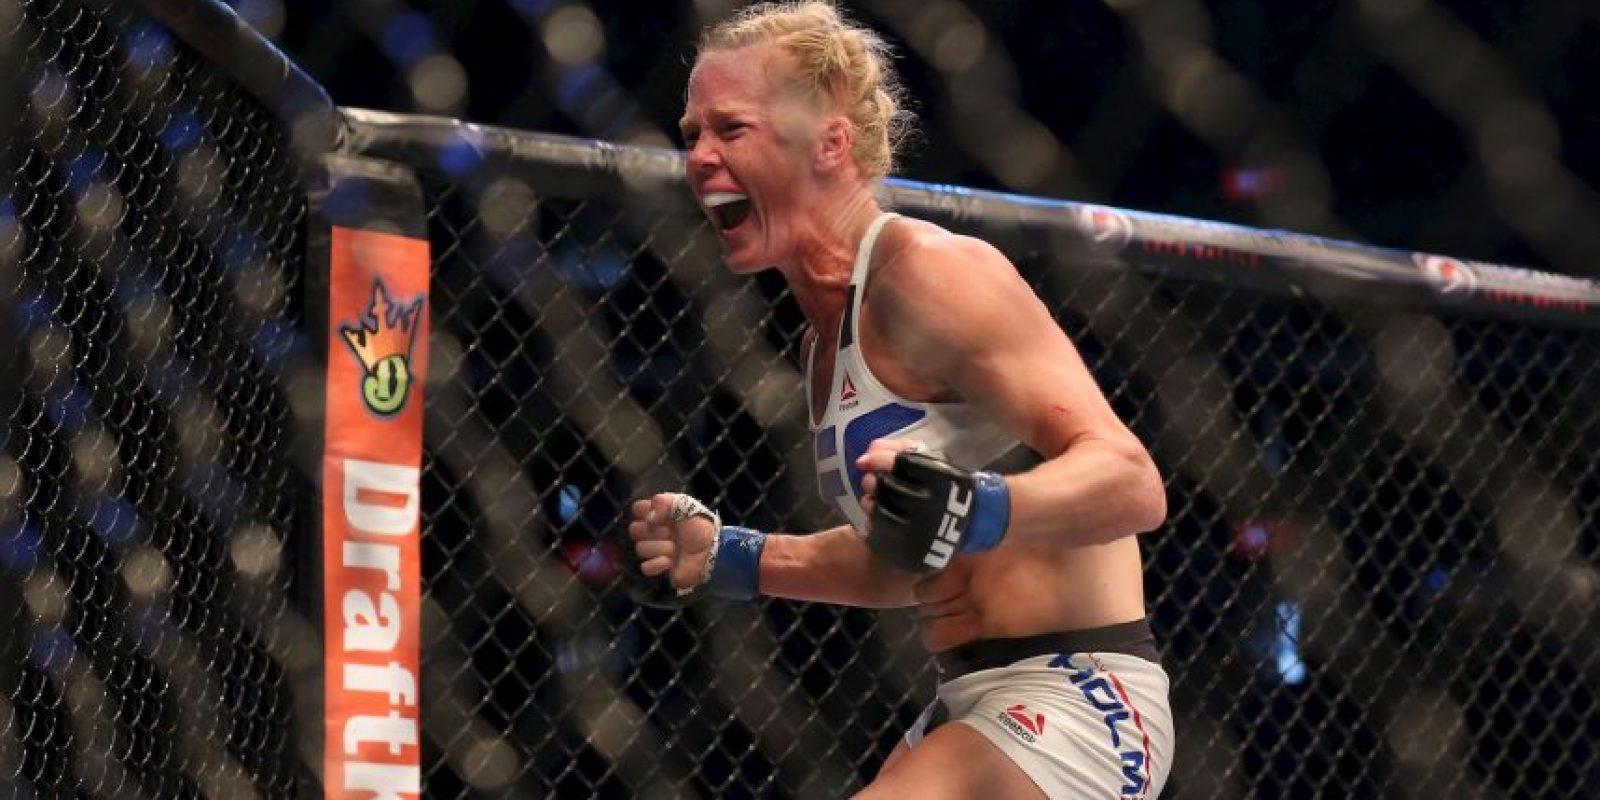 Le quitó el invicto y la despojó del título de Peso Gallo de la UFC Foto:Getty Images